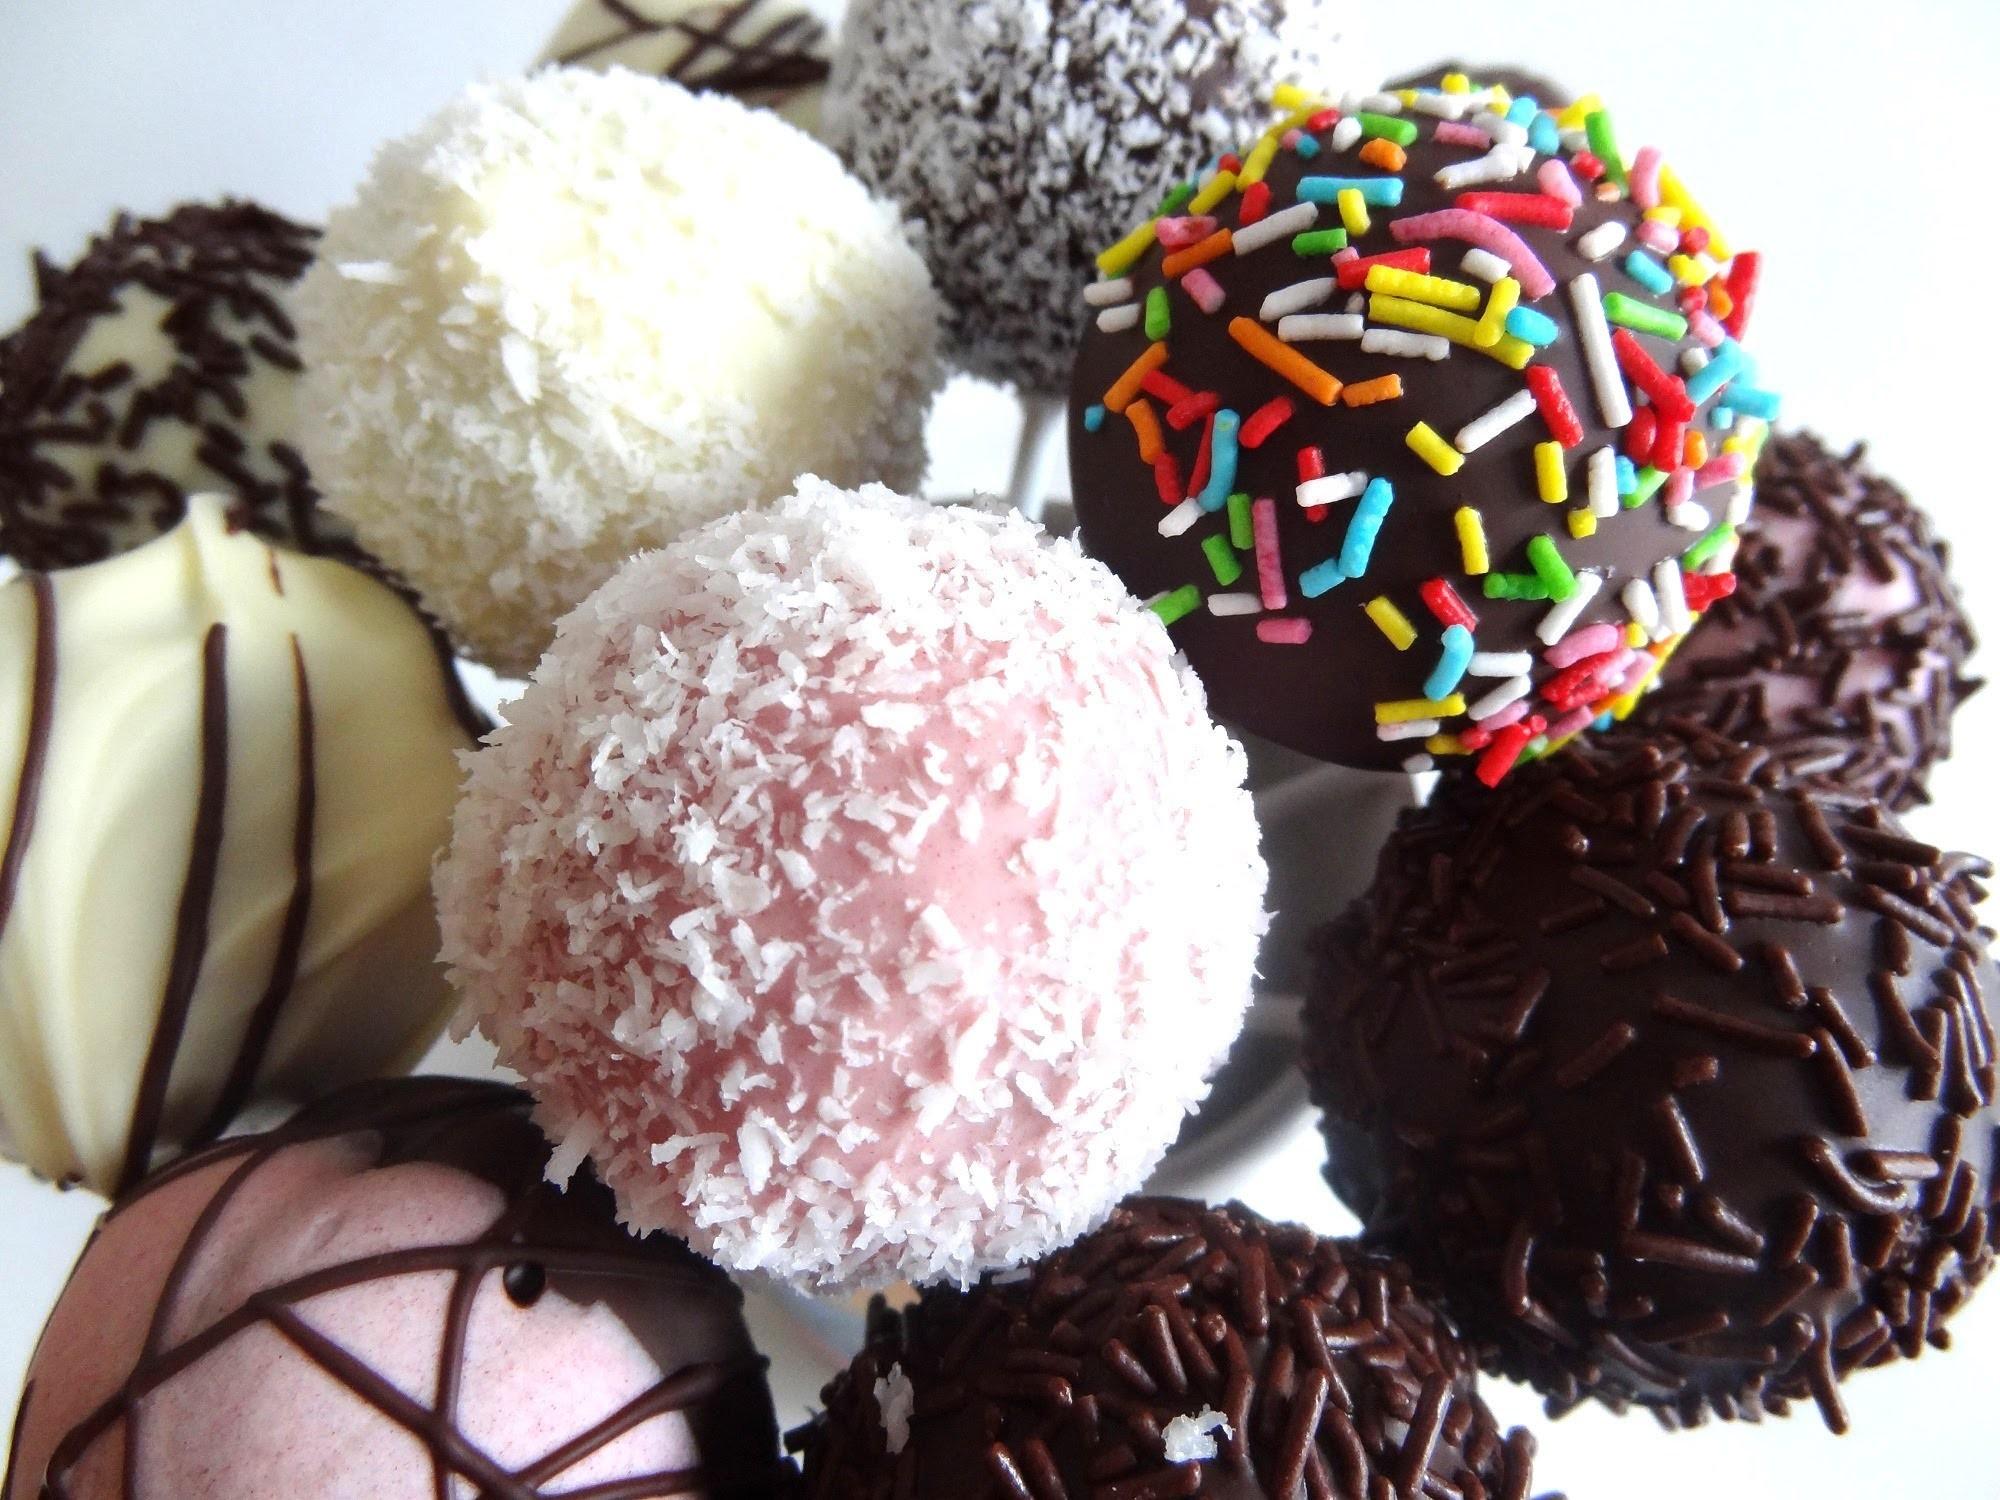 Receta: Cake Pops de chocolate y vainilla con cobertura y toppings